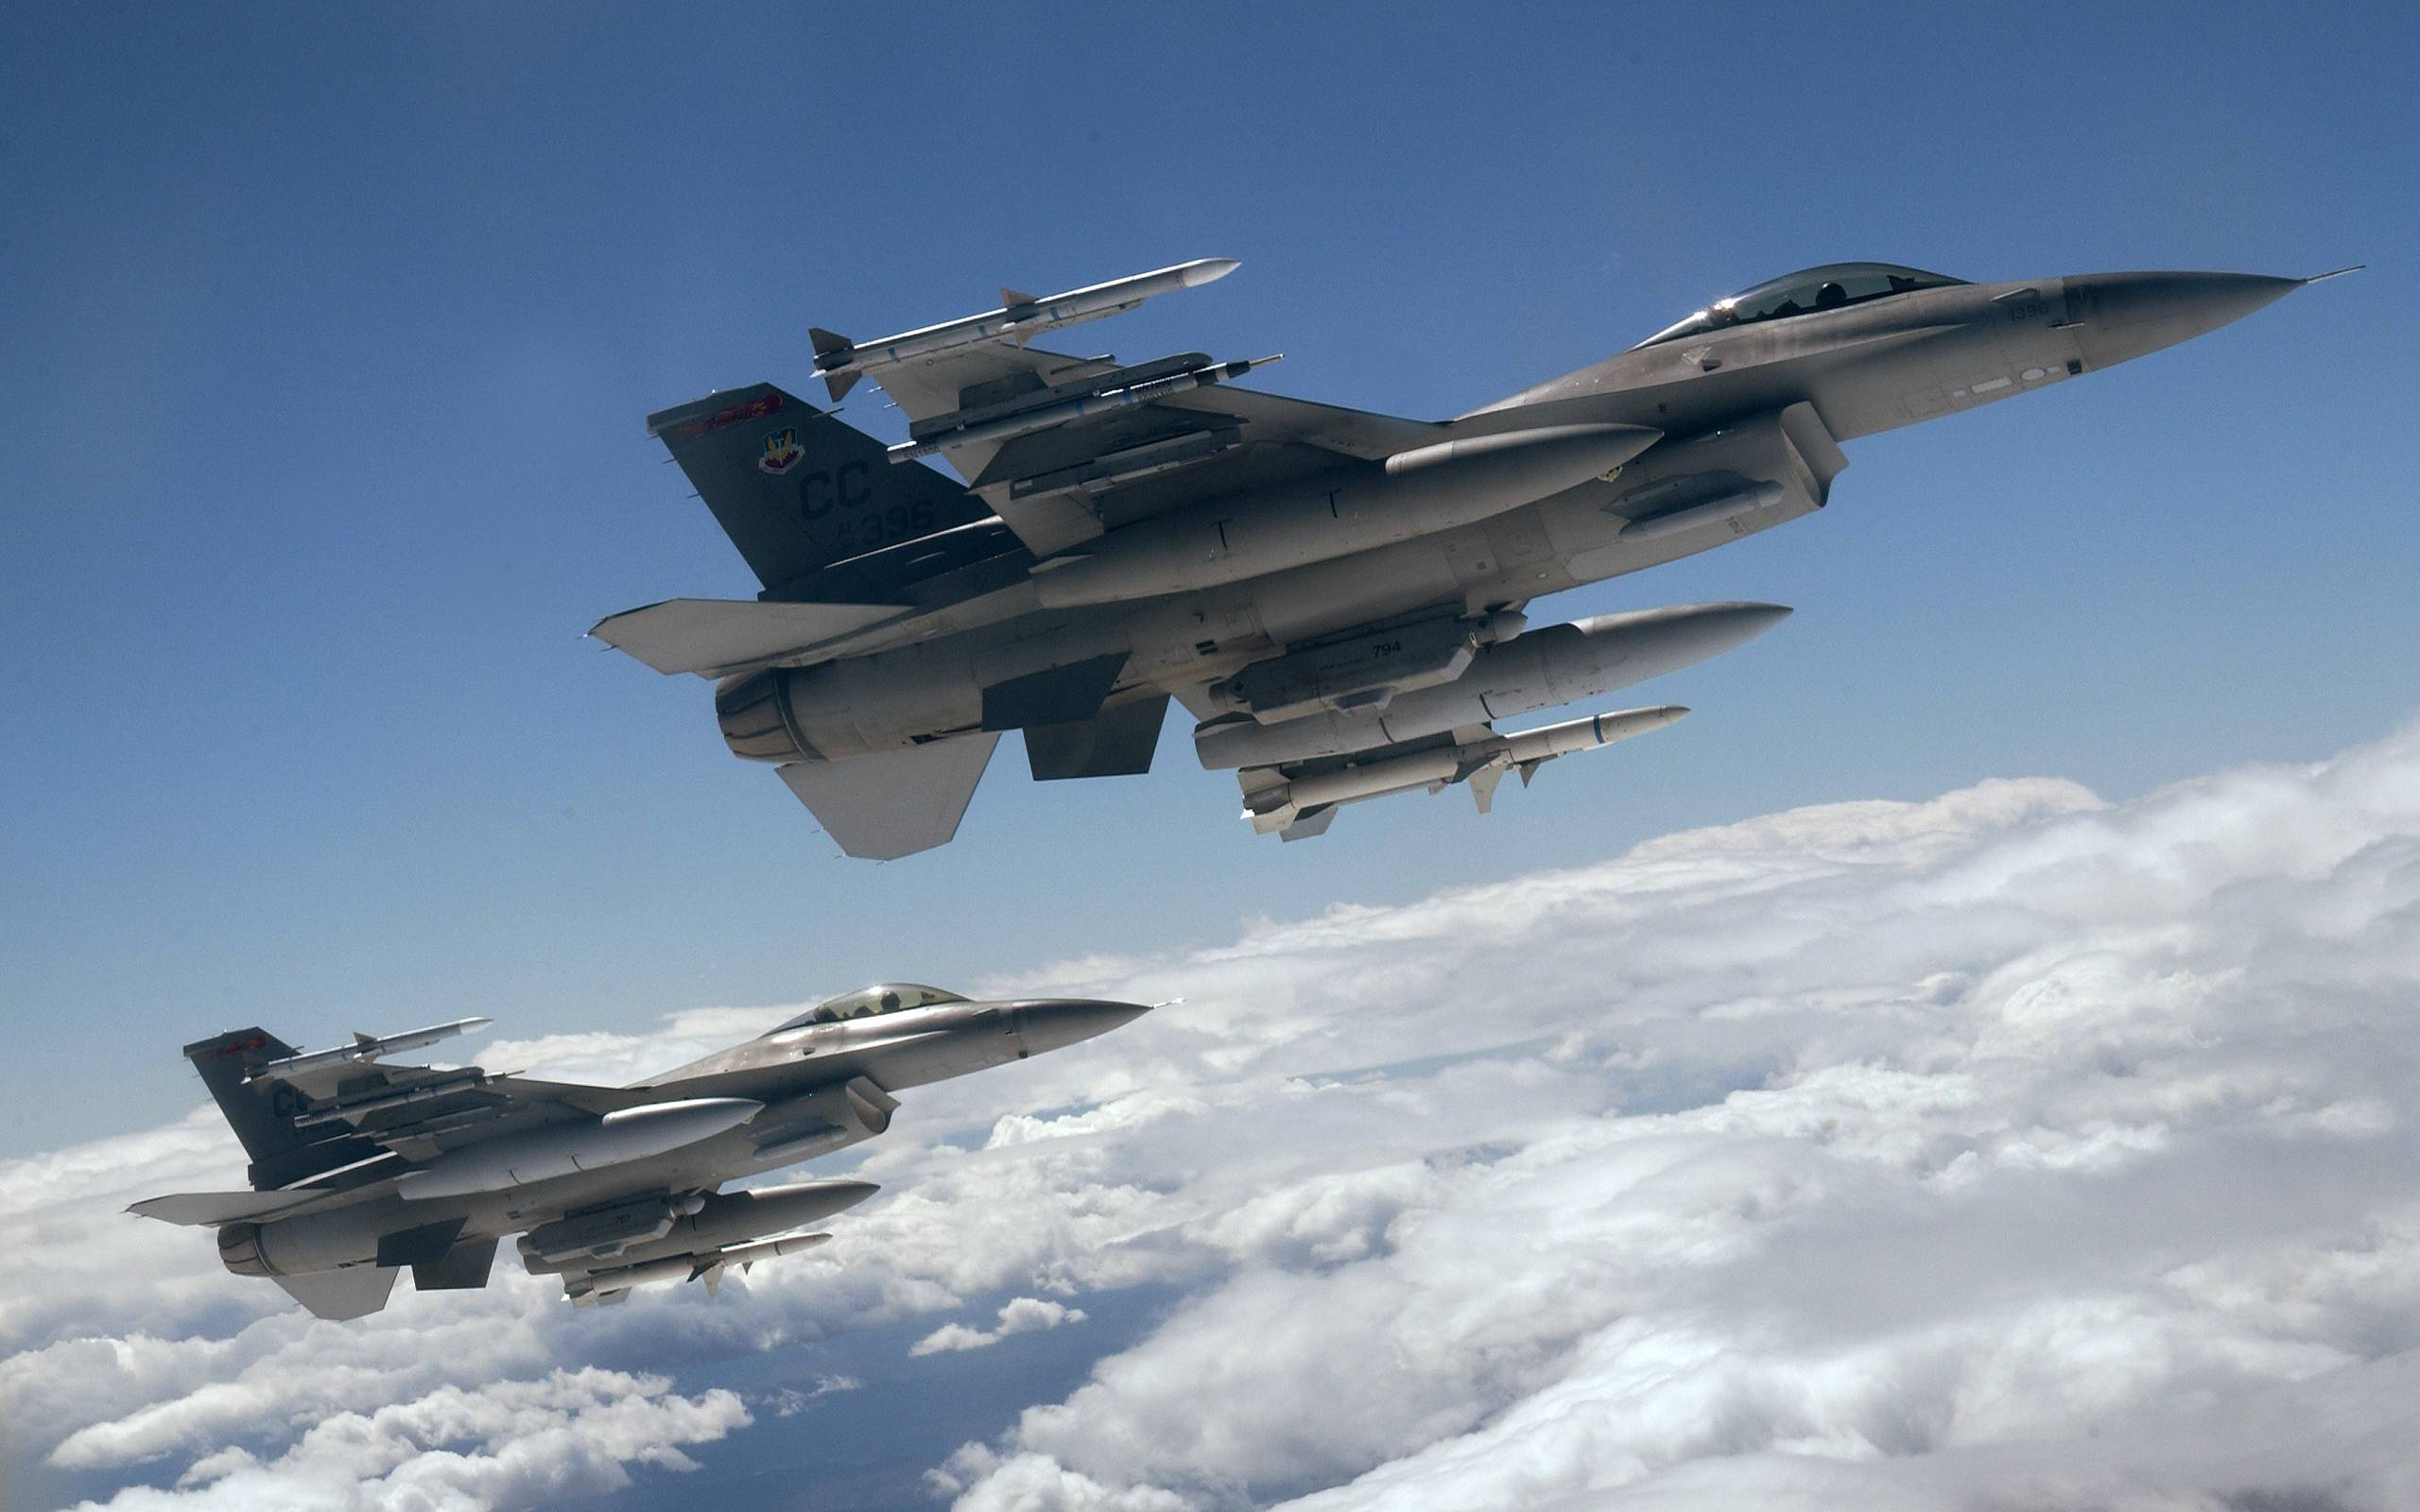 том, фотографии боевых самолетов в воздухе только